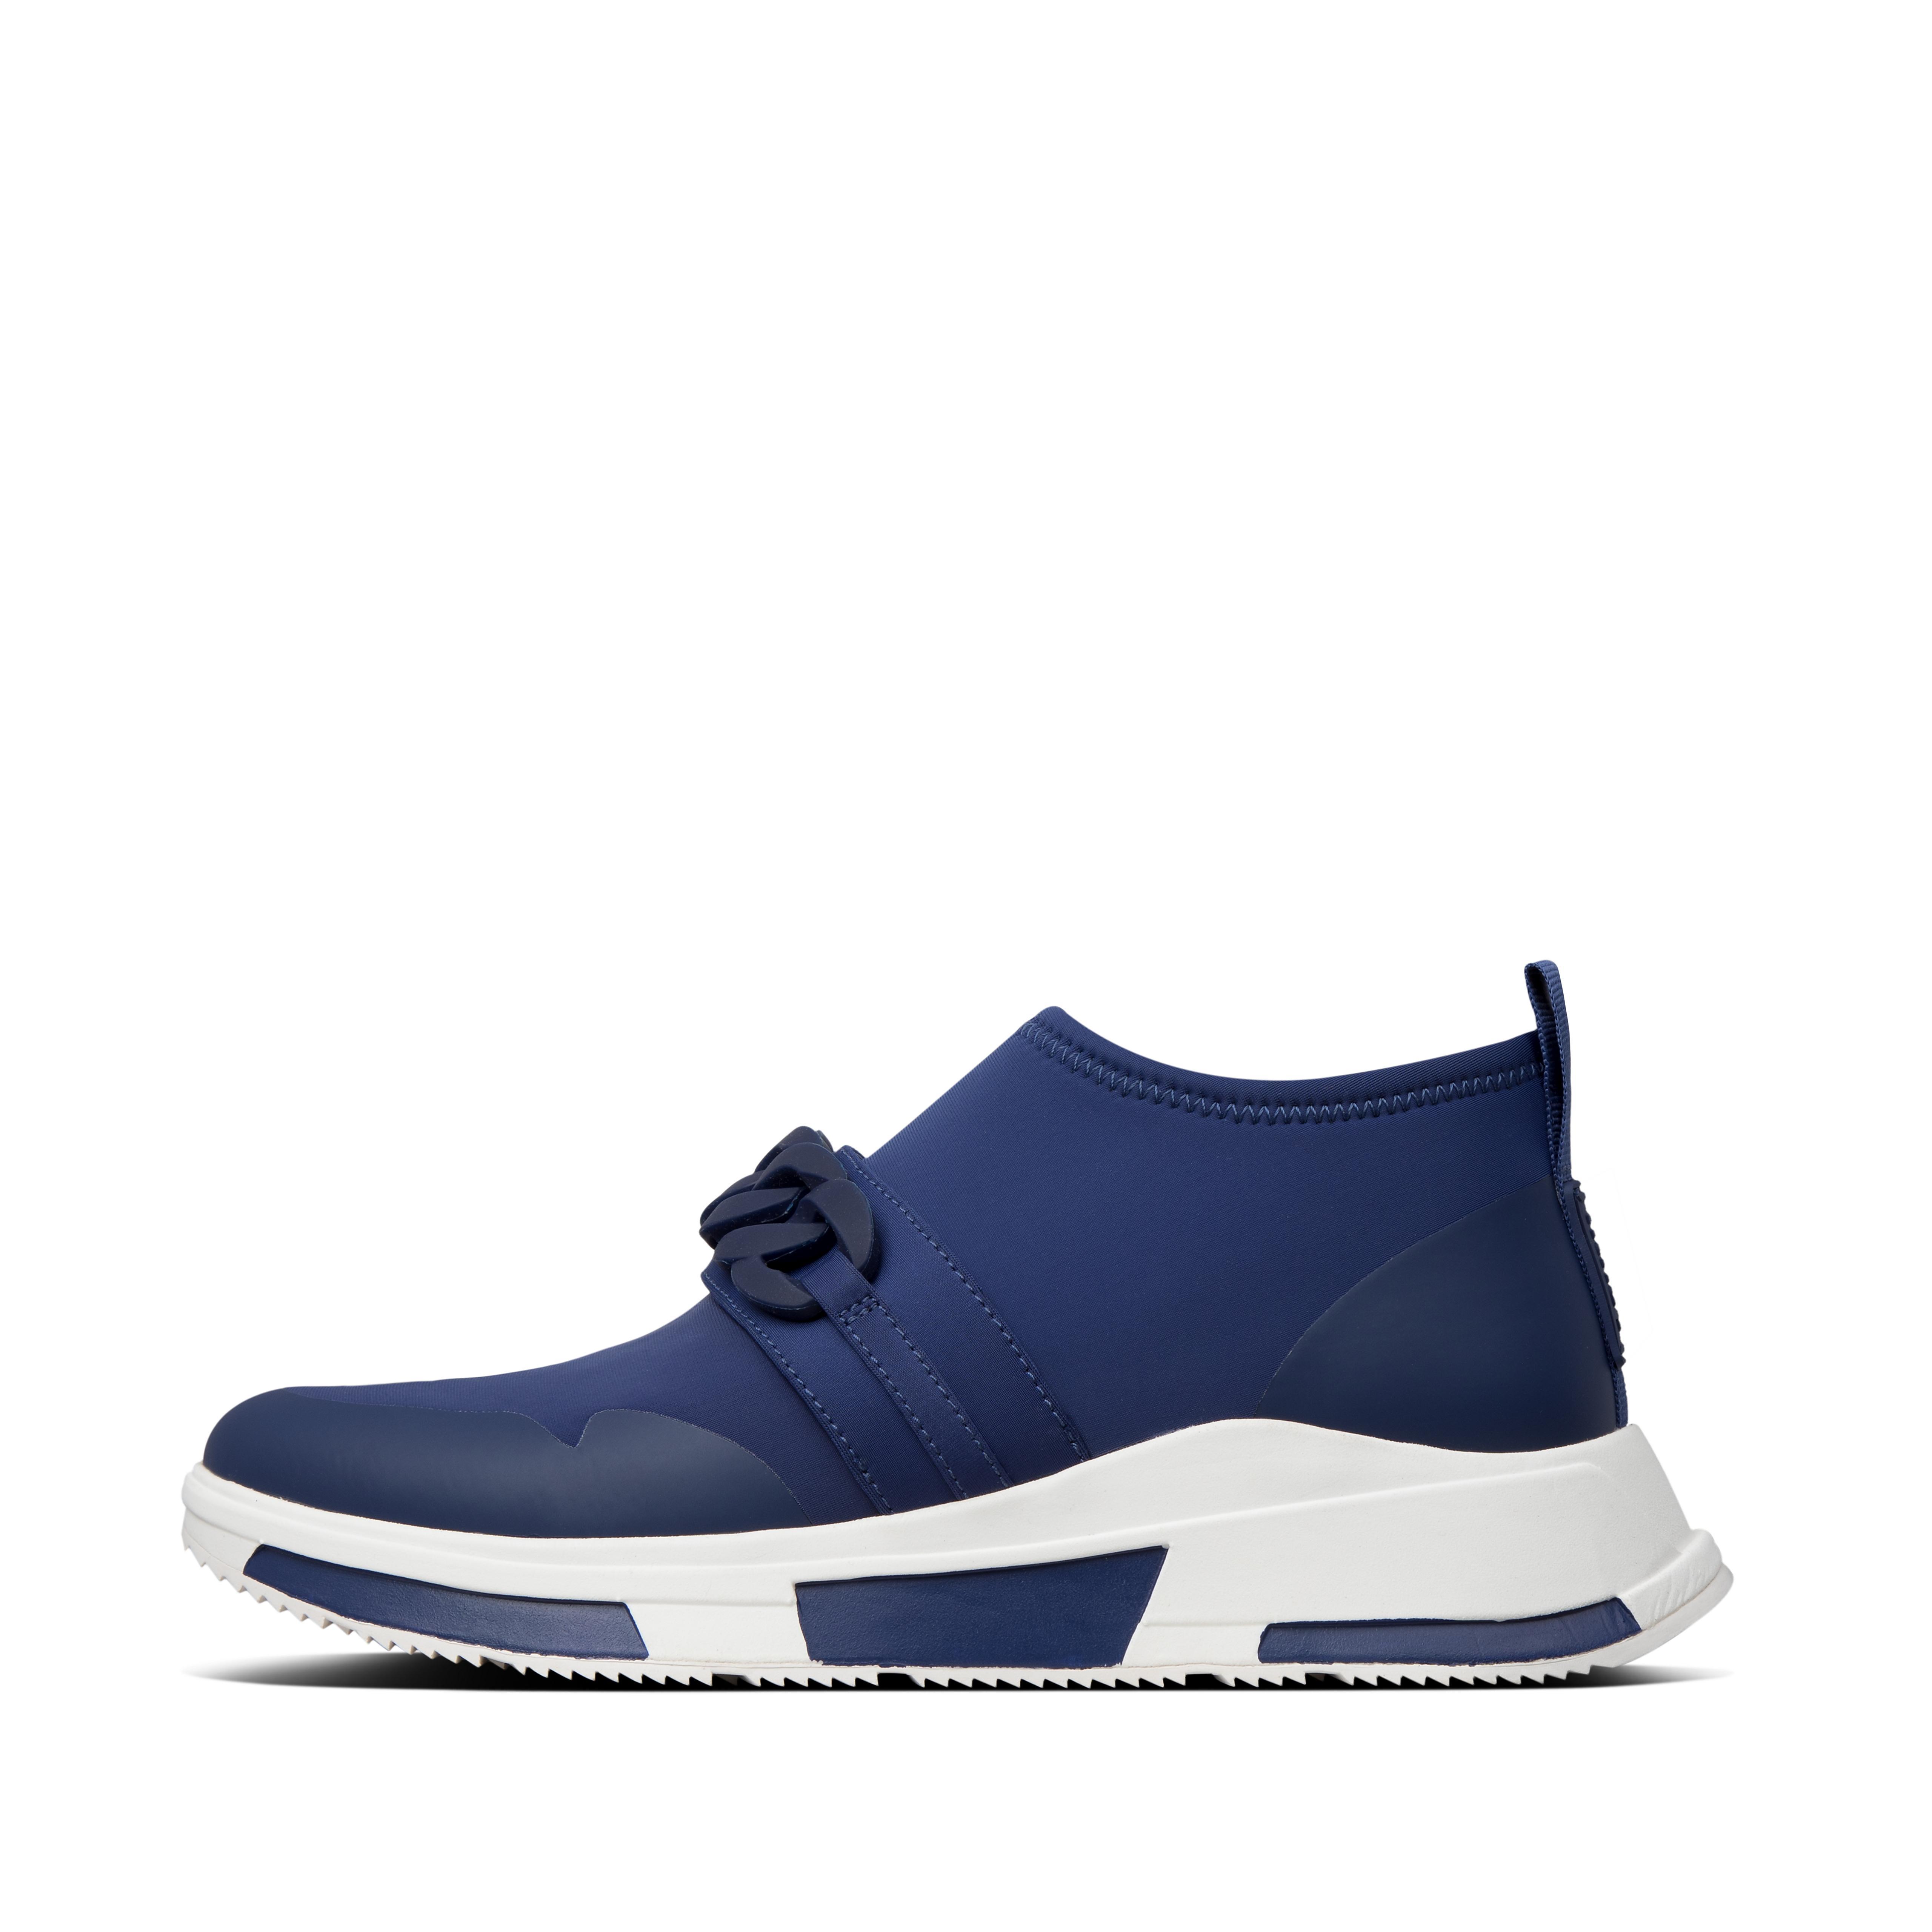 6877806c7b86 Women s Sale Shoes